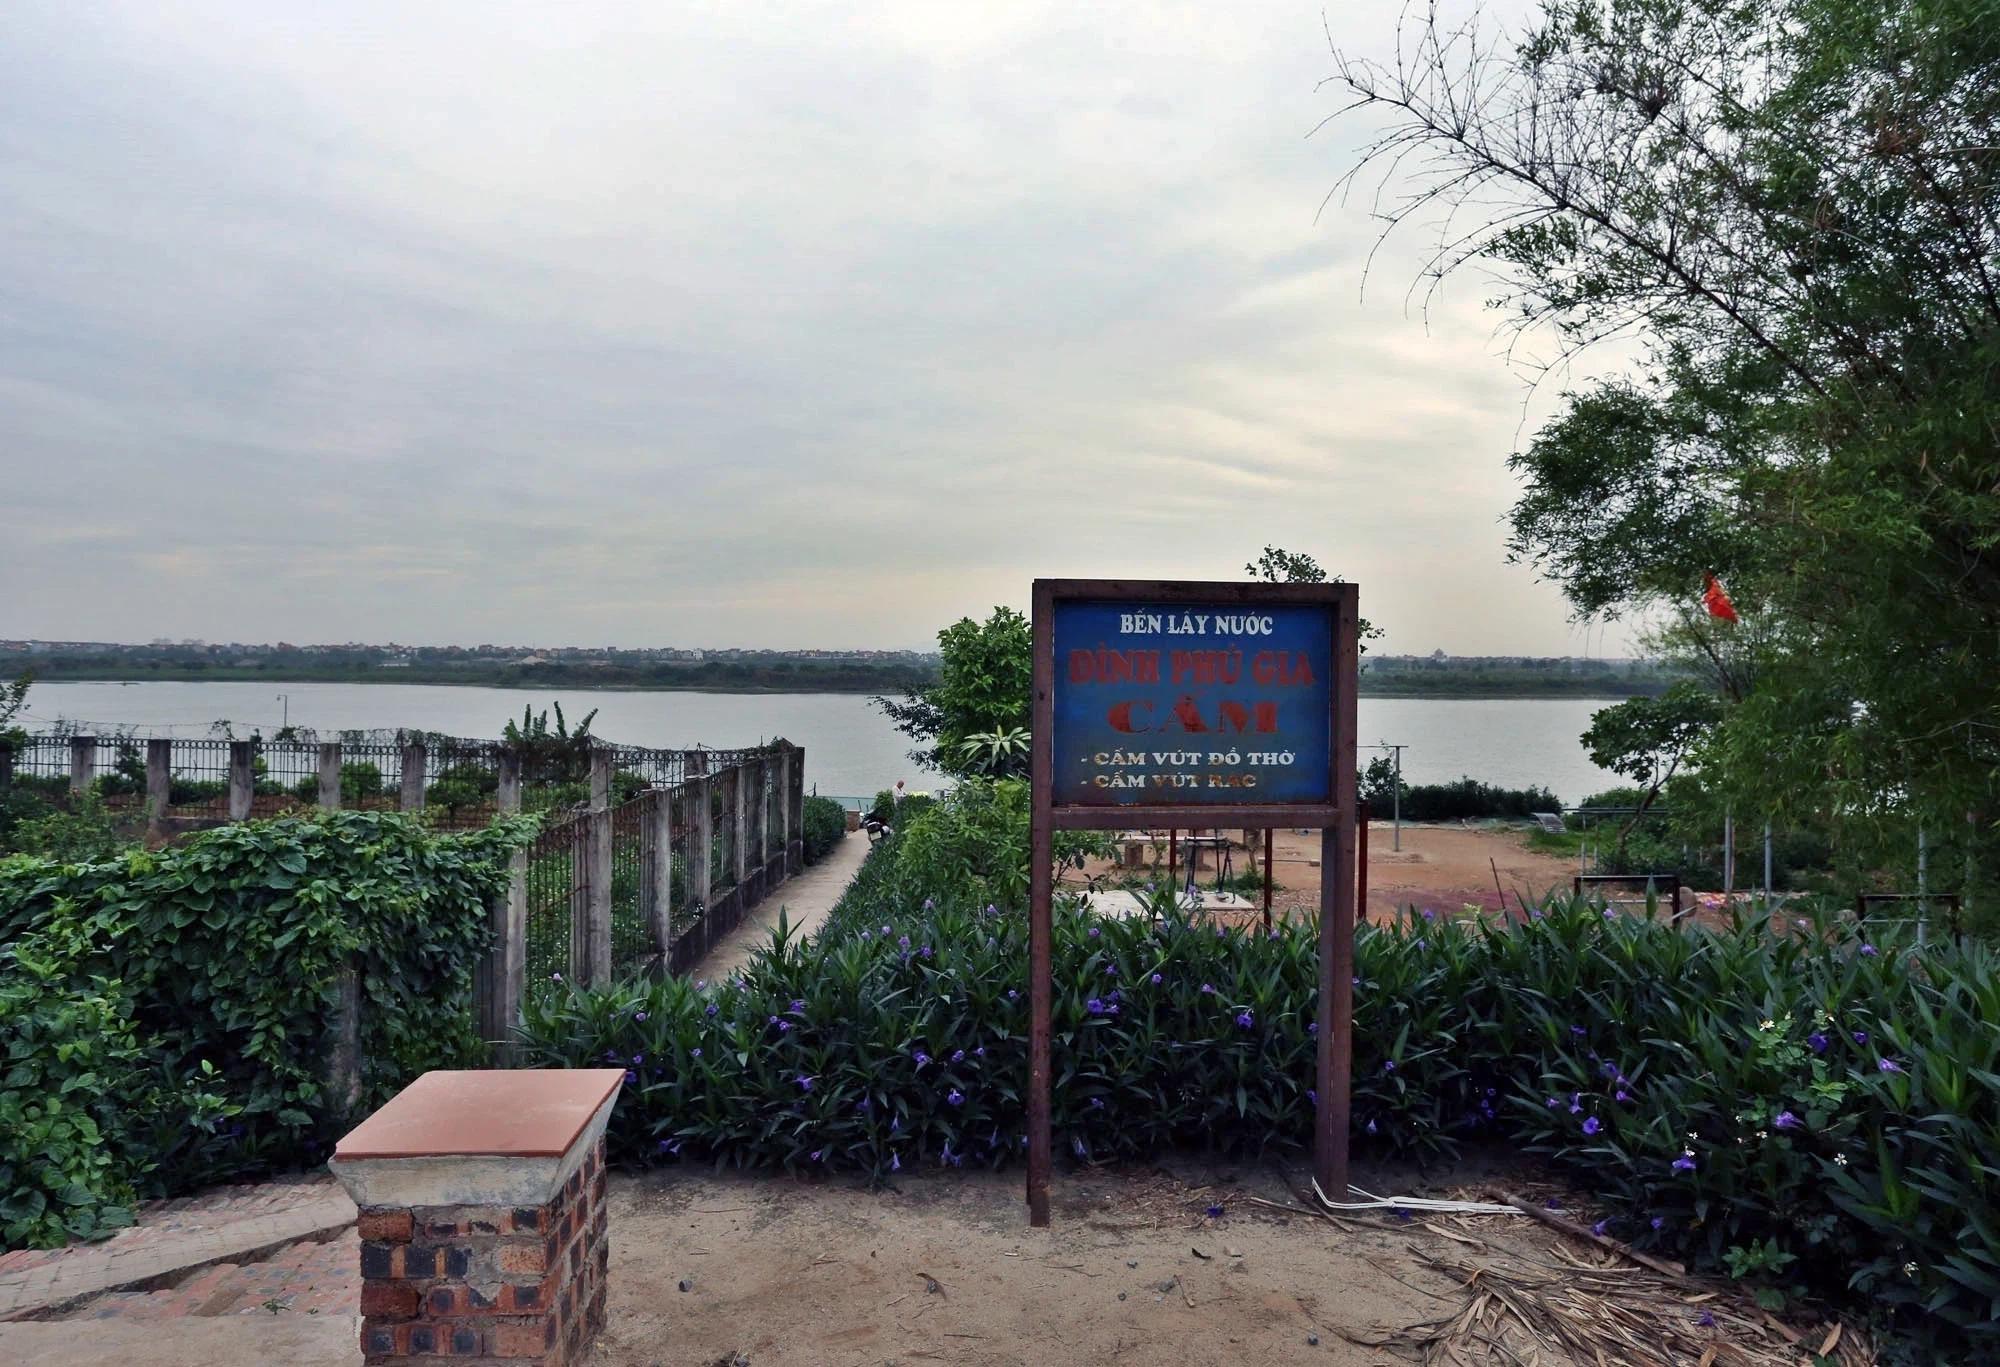 Toàn cảnh hiện trạng Phân khu đô thị sông Hồng trên địa bàn quận Tây Hồ - Ảnh 4.